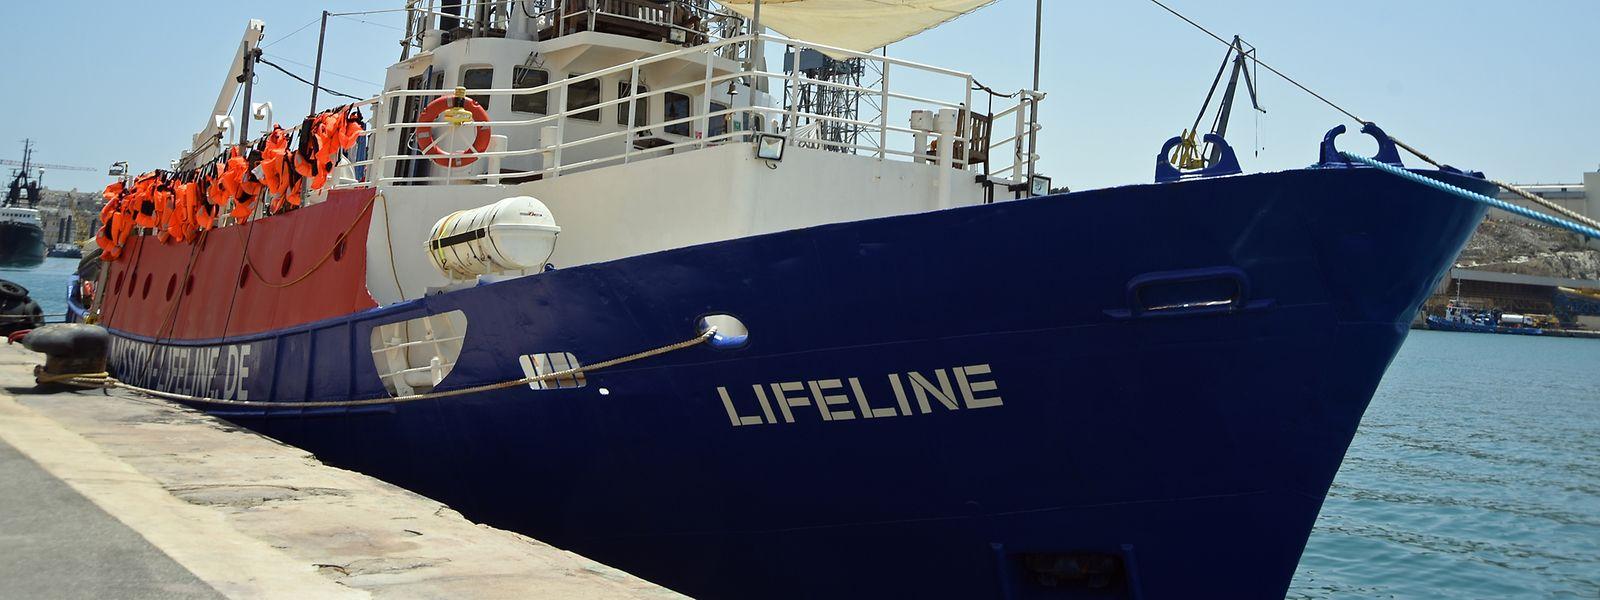 """Das deutsche Seenotrettungsschiff  """"Lifeline"""" liegt im Hafen von Malta, wo es seit Ende Juni festgehalten wird. Die Rettungswesten erinnern an die vorerst letzte Mission der """"Lifeline"""", die Europaweit für Schlagzeilen sorgte."""